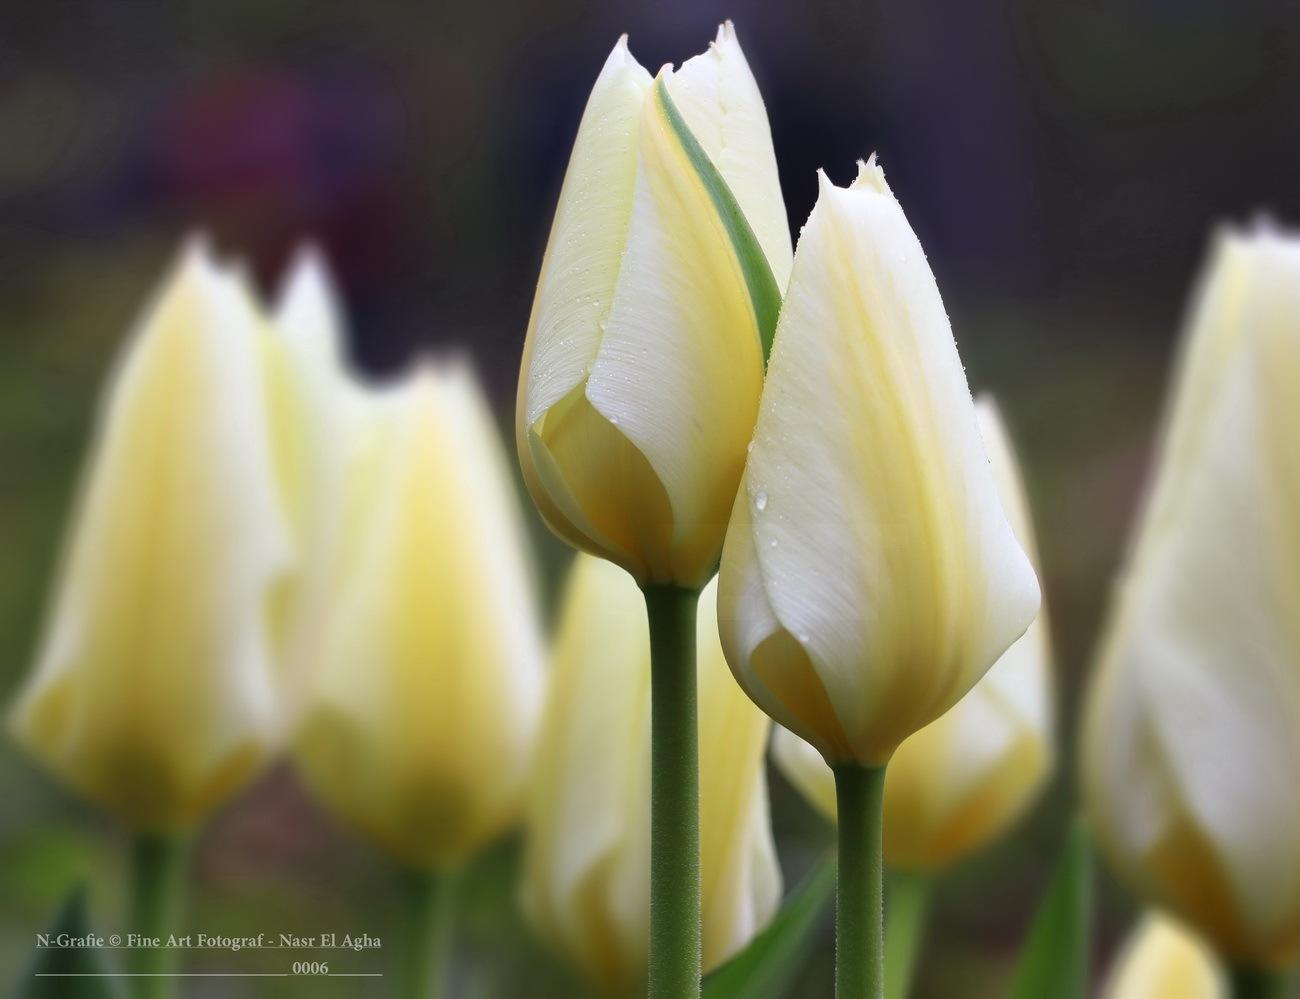 Tulips  by Nasr El Agha